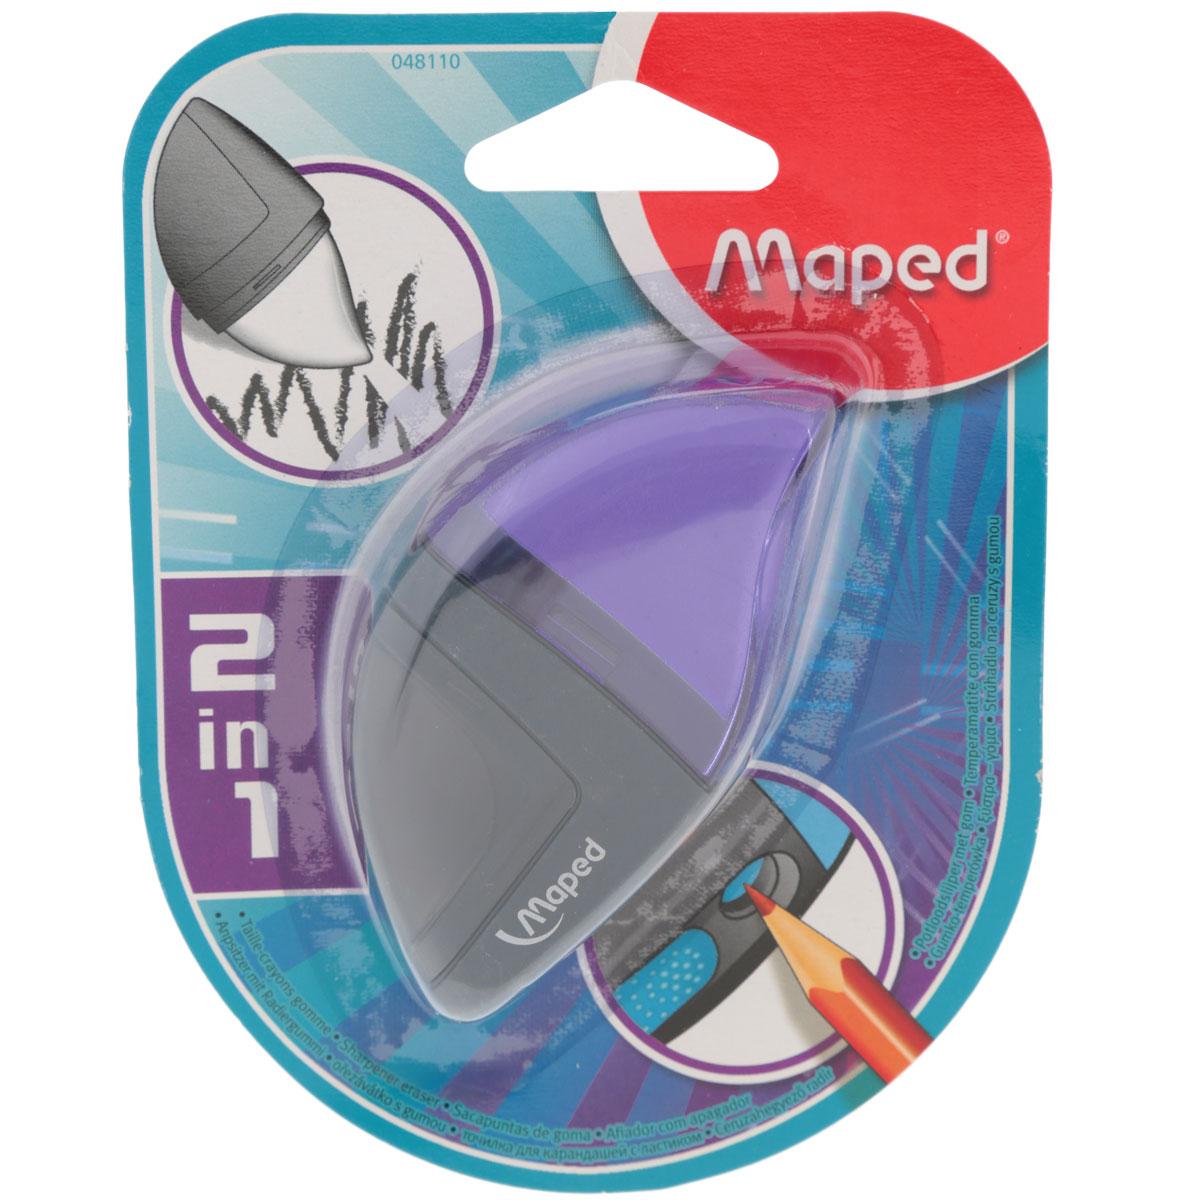 Точилка Maped Moondo, с ластиком, цвет: фиолетовыйFS-36054Удобная точилка в оригинальном пластиковом корпусе с крышкой Maped предназначена для затачивания карандашей. Острое стальное лезвие обеспечивает высококачественную и точную заточку. Карандаш затачивается легко и аккуратно, а опилки после заточки остаются в специальном контейнере.Точилка снабжена ластиком, закрывающимся колпачком.